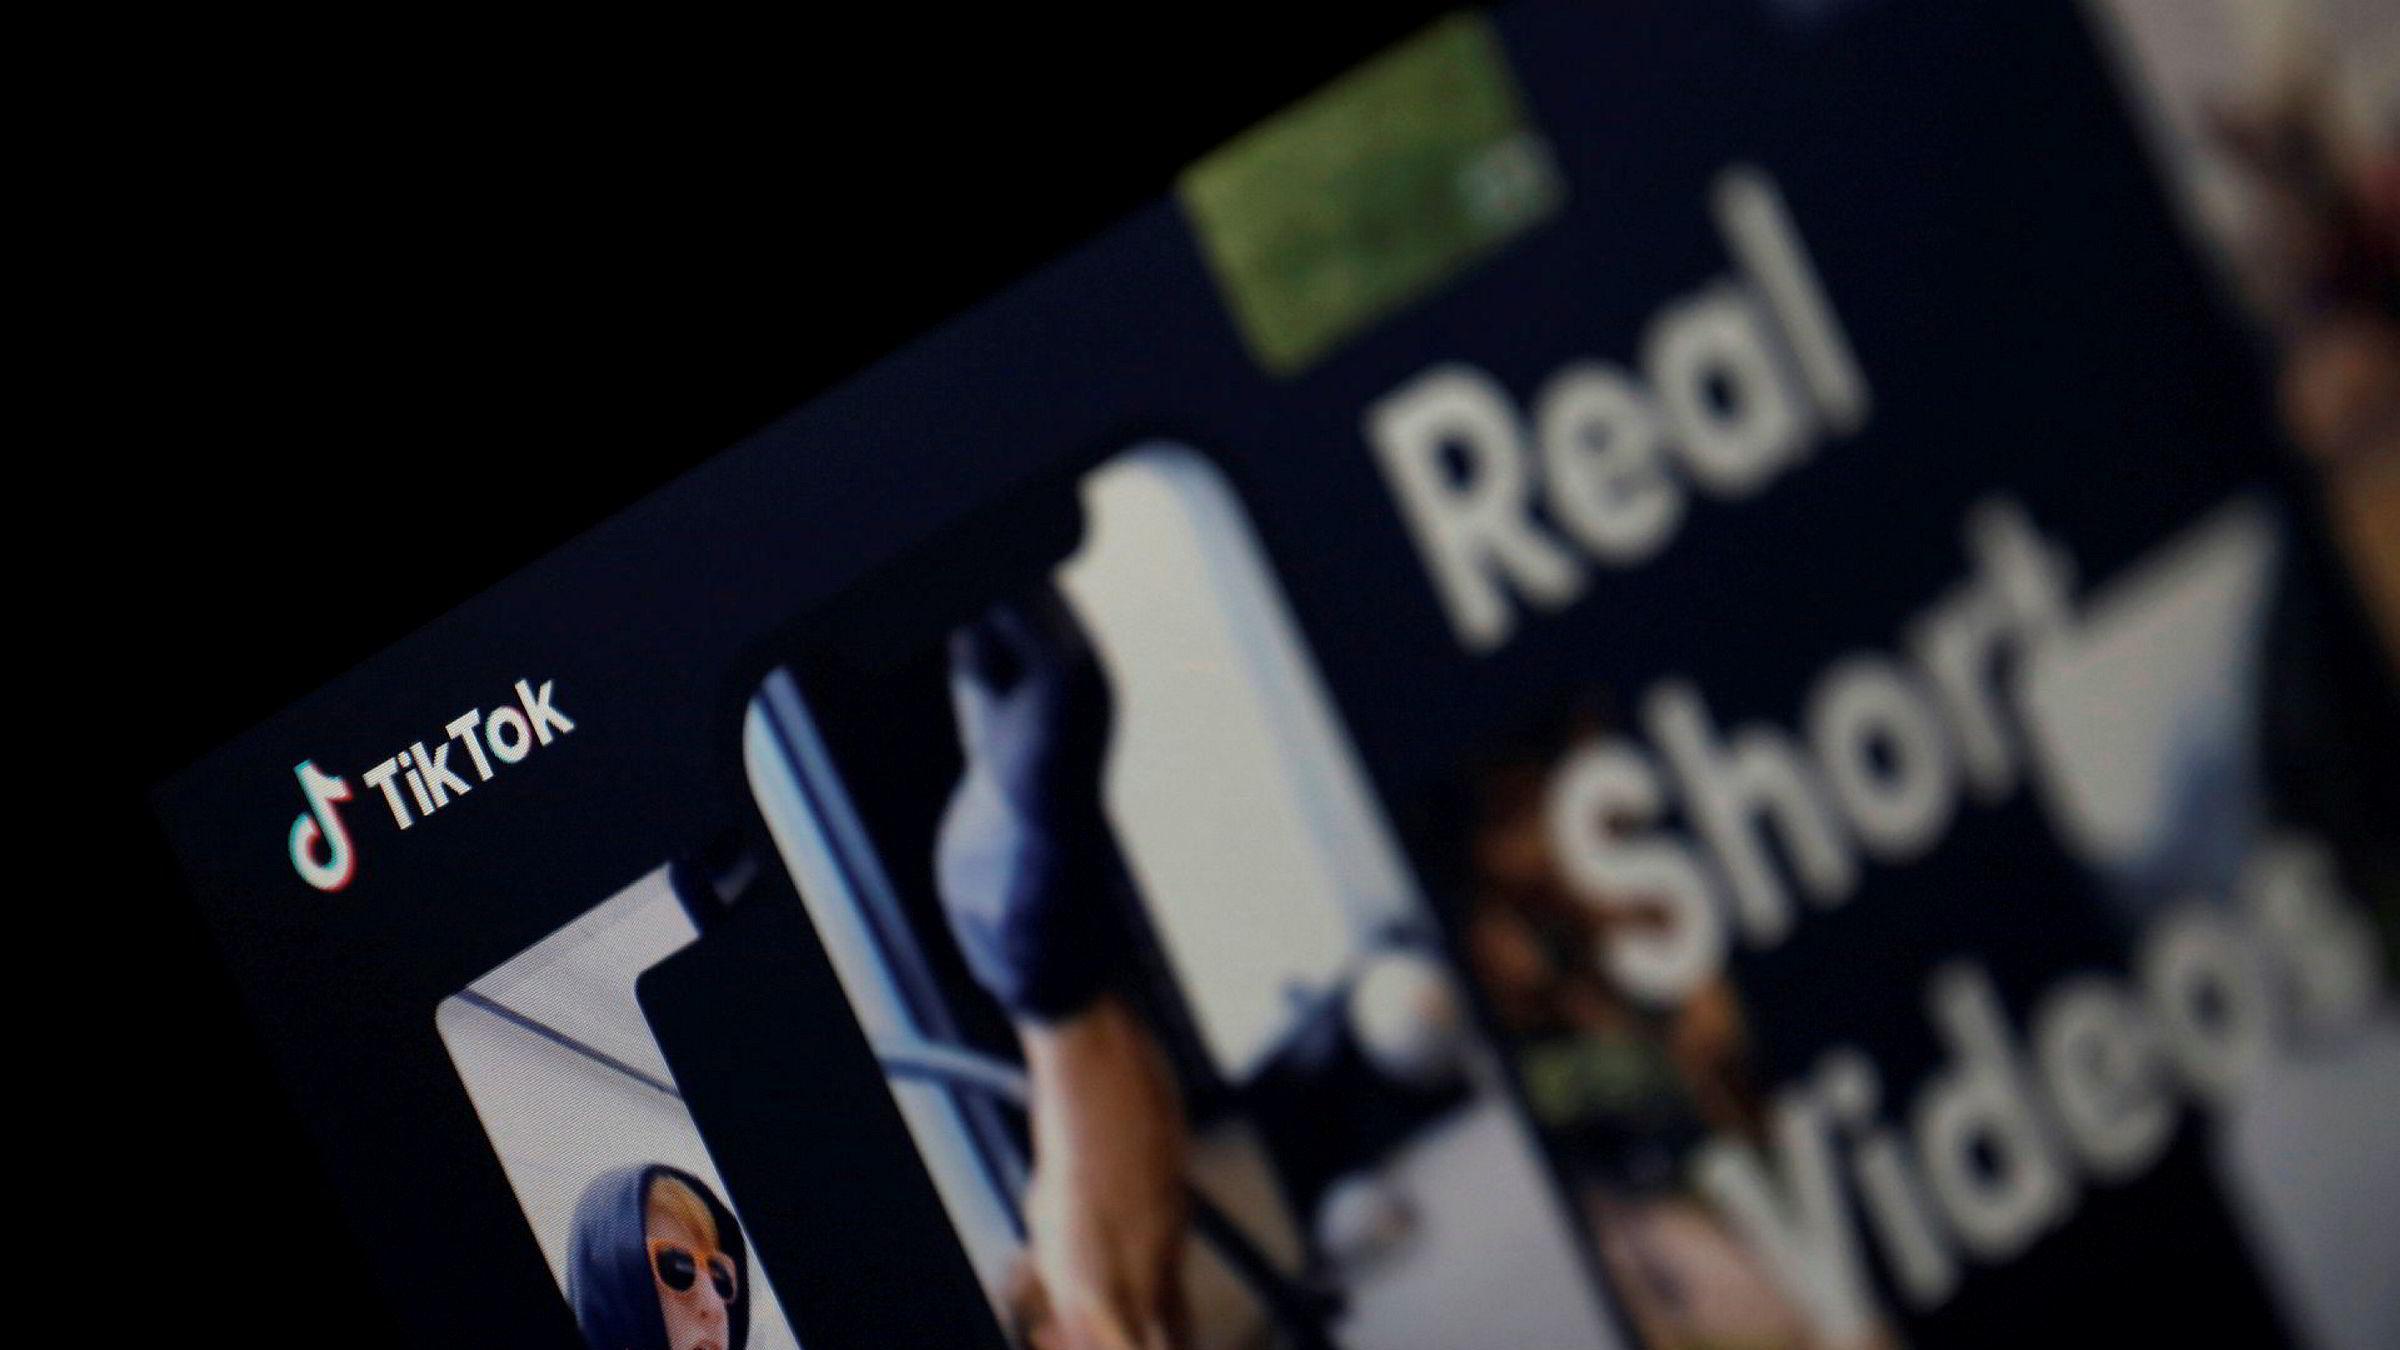 Med én milliard aktive brukere og svimlende 1,5 milliarder nedlastinger i 2019, er TikTok en av verdens mest populære apper - og mer brukt enn konkurrenten Instagram, som eies av Facebook.